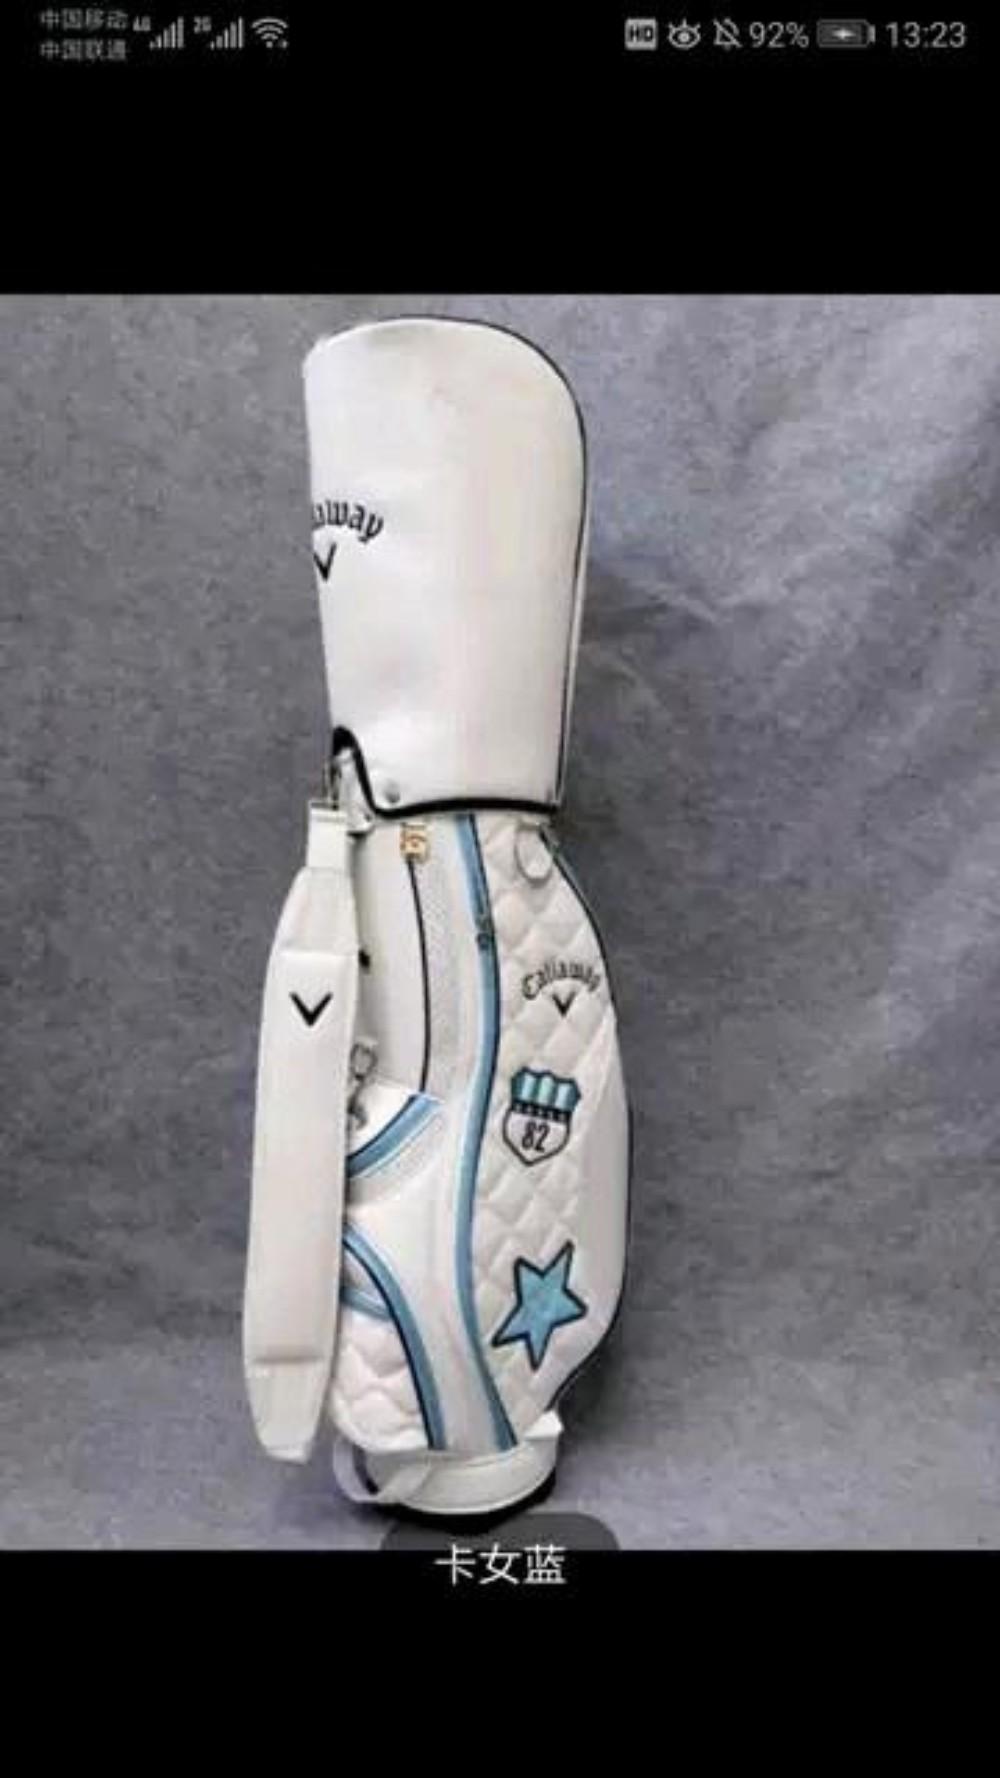 캐디백 여성 골프백 golf 캐디백, 블루-4-4867266581